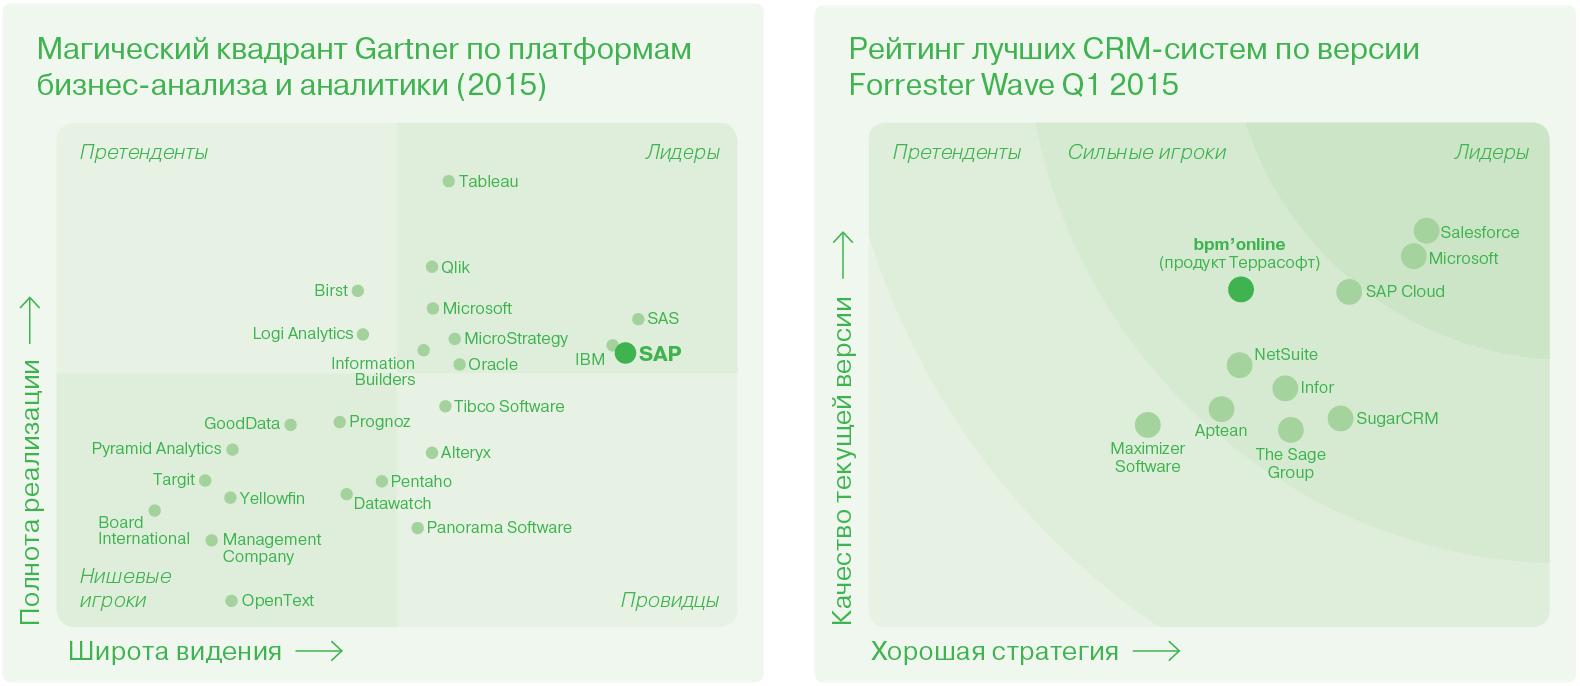 Банковские услуги юридическим и физическим лицам Краснодарский край, ПАО коммерческий банк Центр-инвест